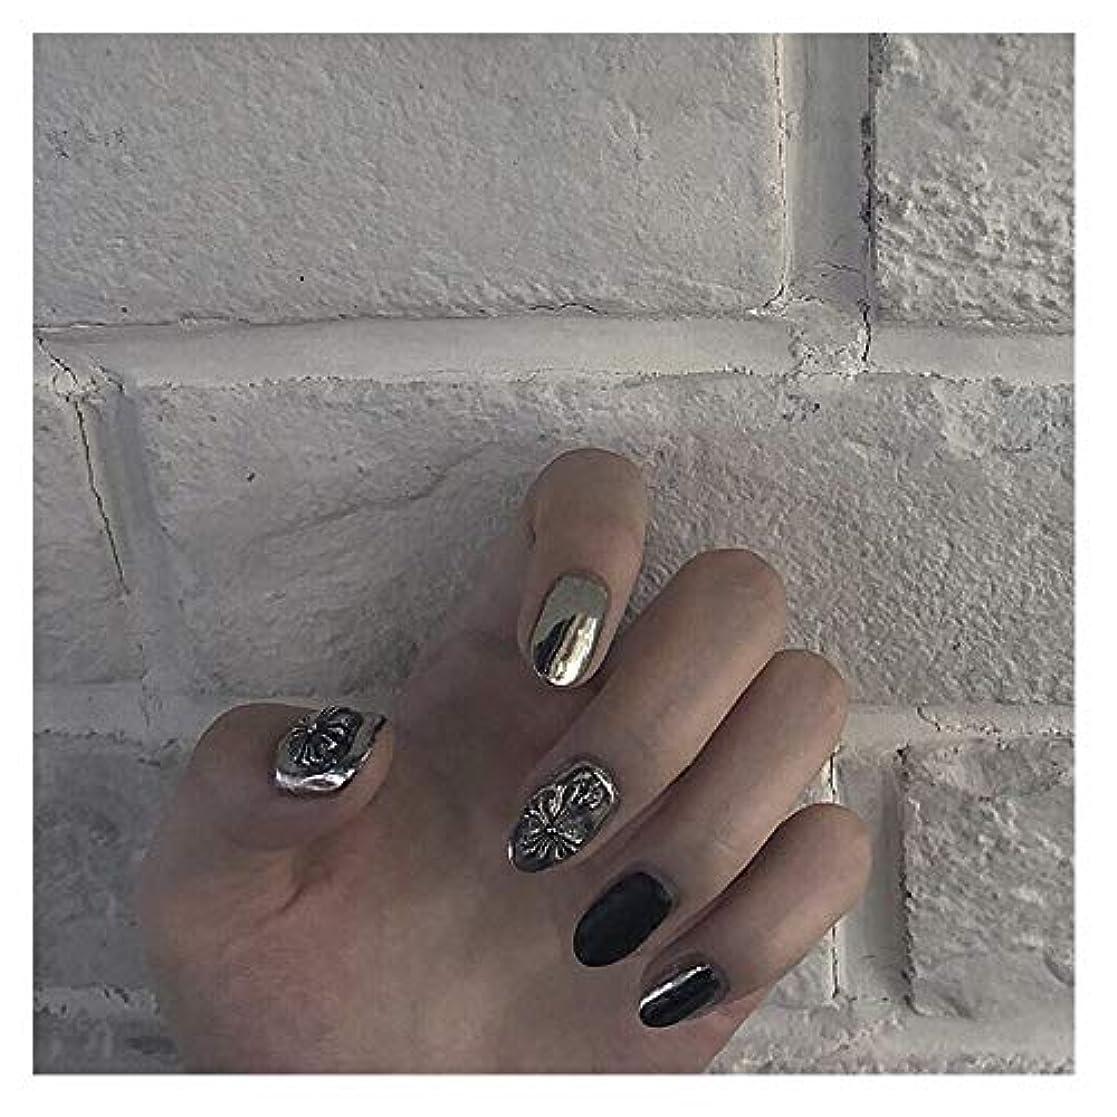 灰取るに足らないスキムHOHYLLYA シルバークロスゴススタイルグルーフェイクネイルズファッション単一製品アクセサリーラウンドネイルズ光沢のあるシルバー+ブラック (色 : 24 pieces)